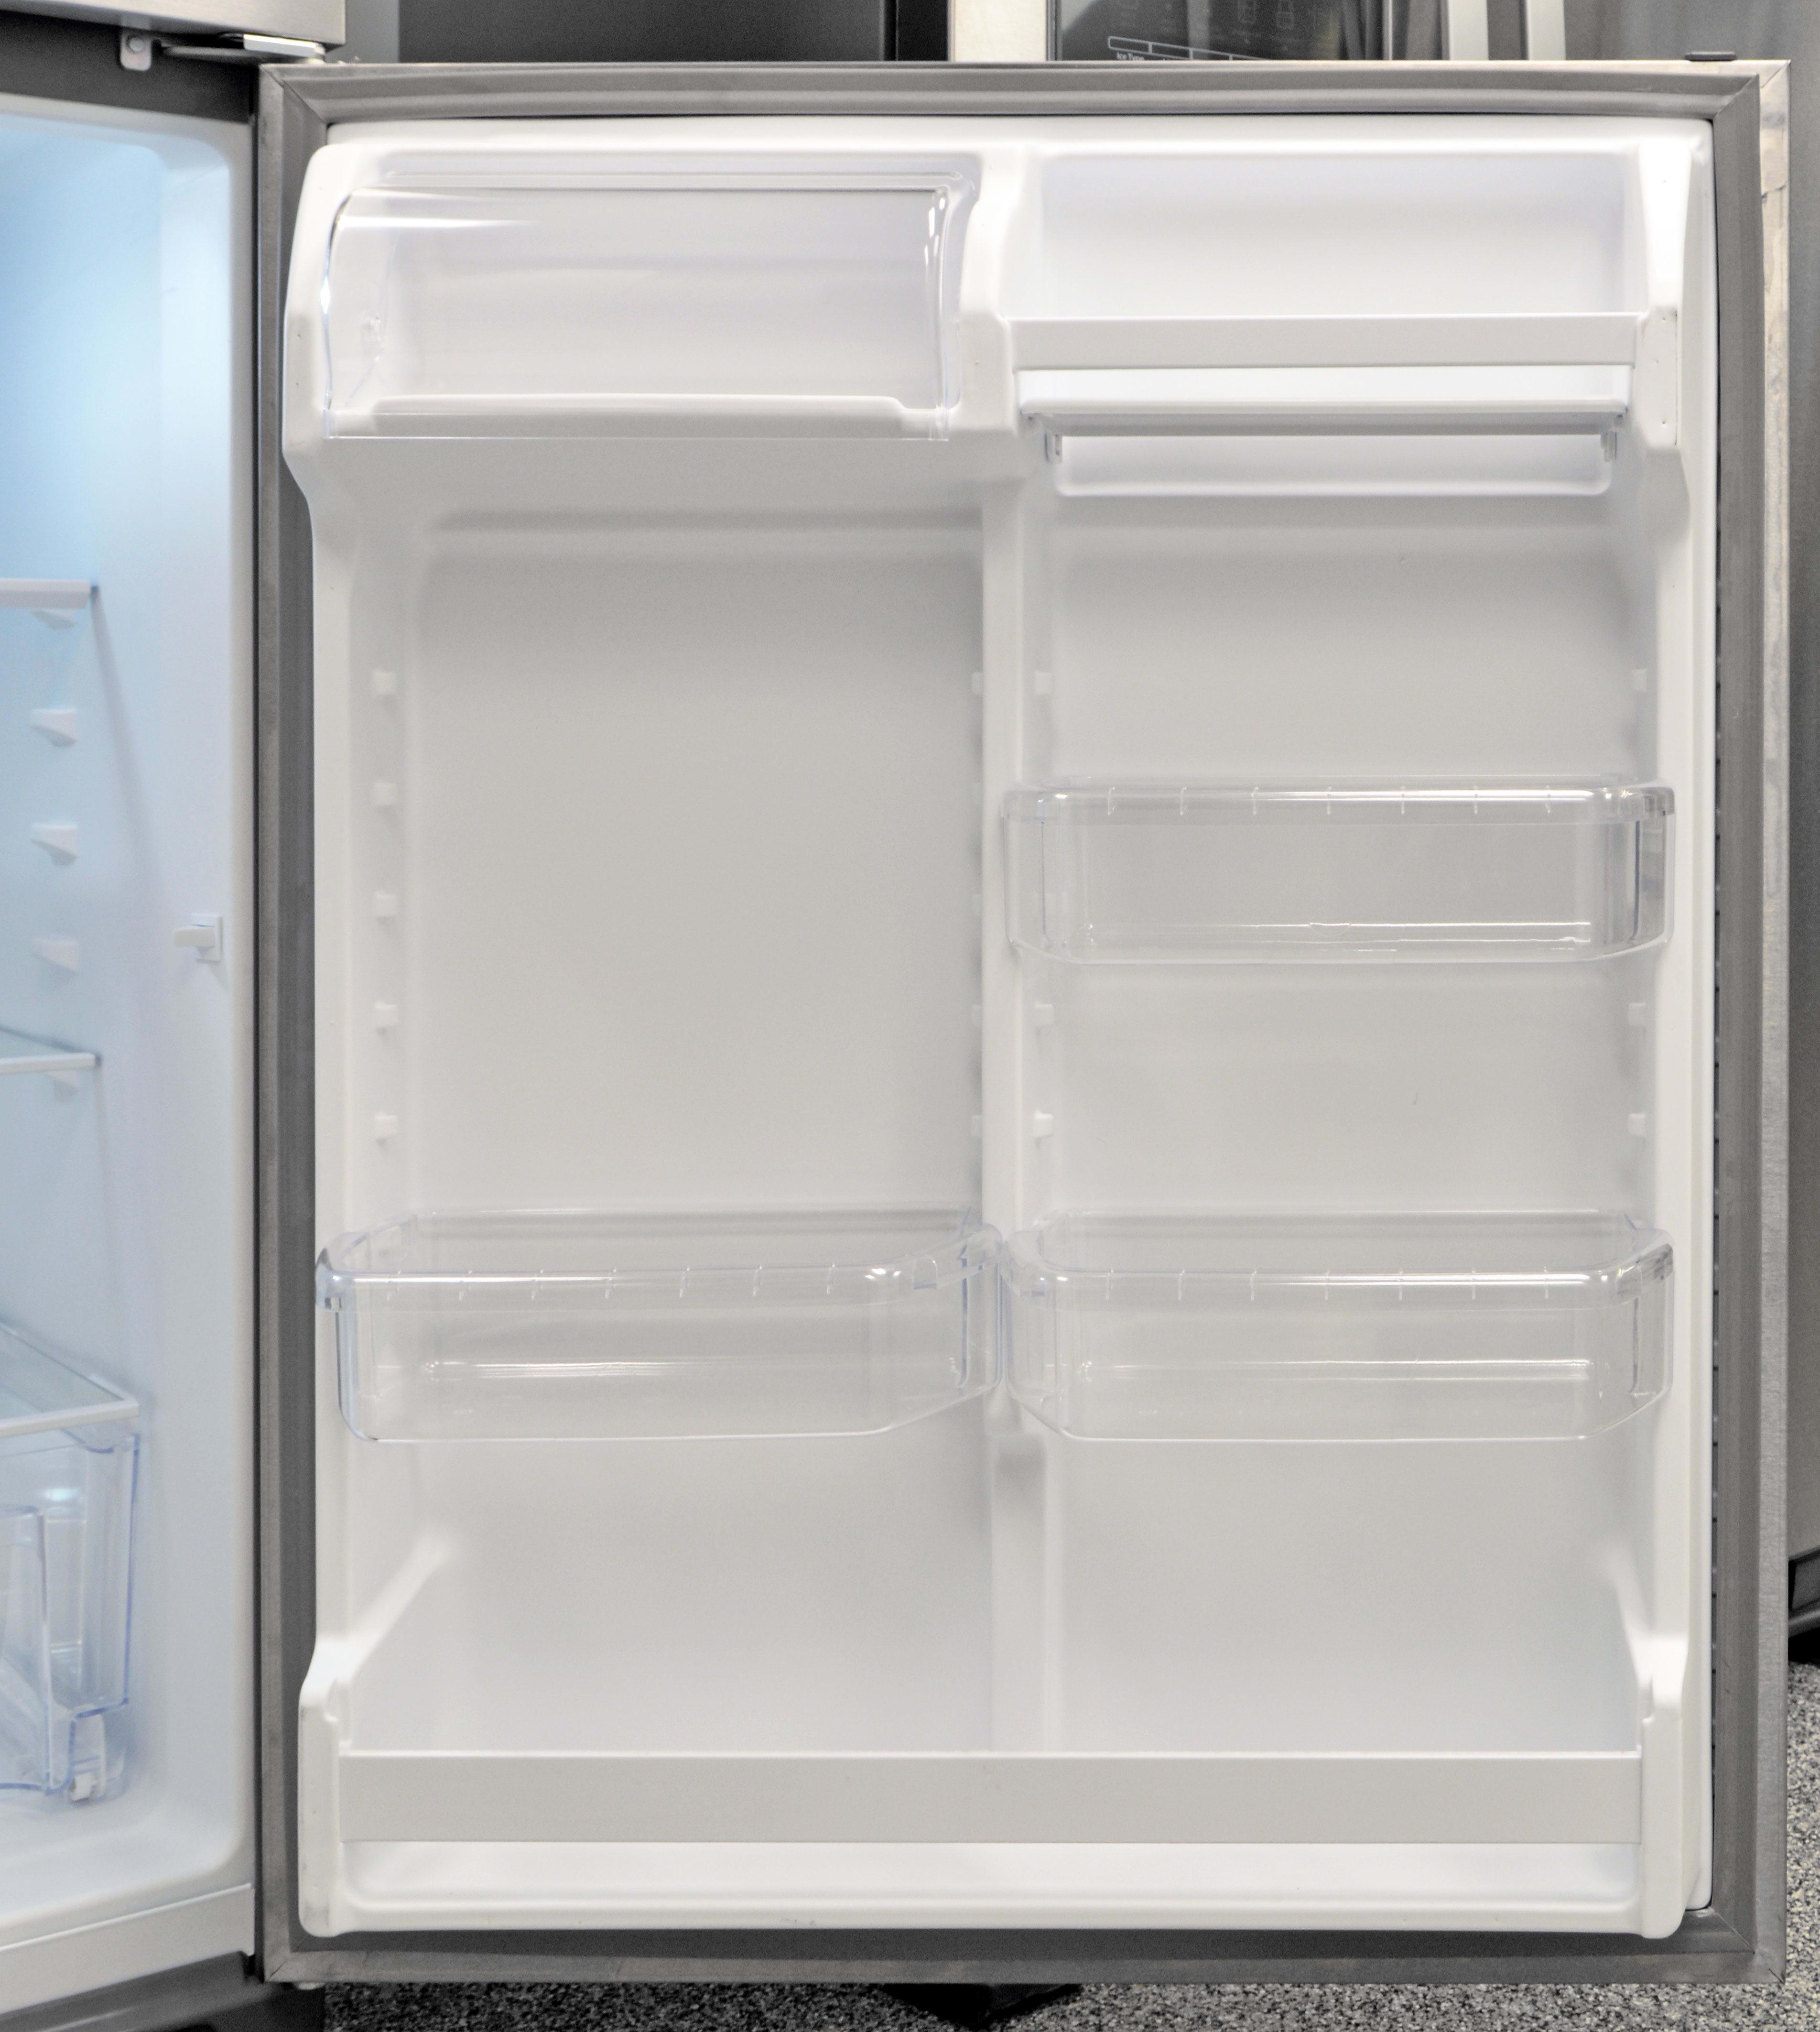 Lots of adjustable storage make the Whirlpool WRT311FZDM's fridge door surprisingly versatile.